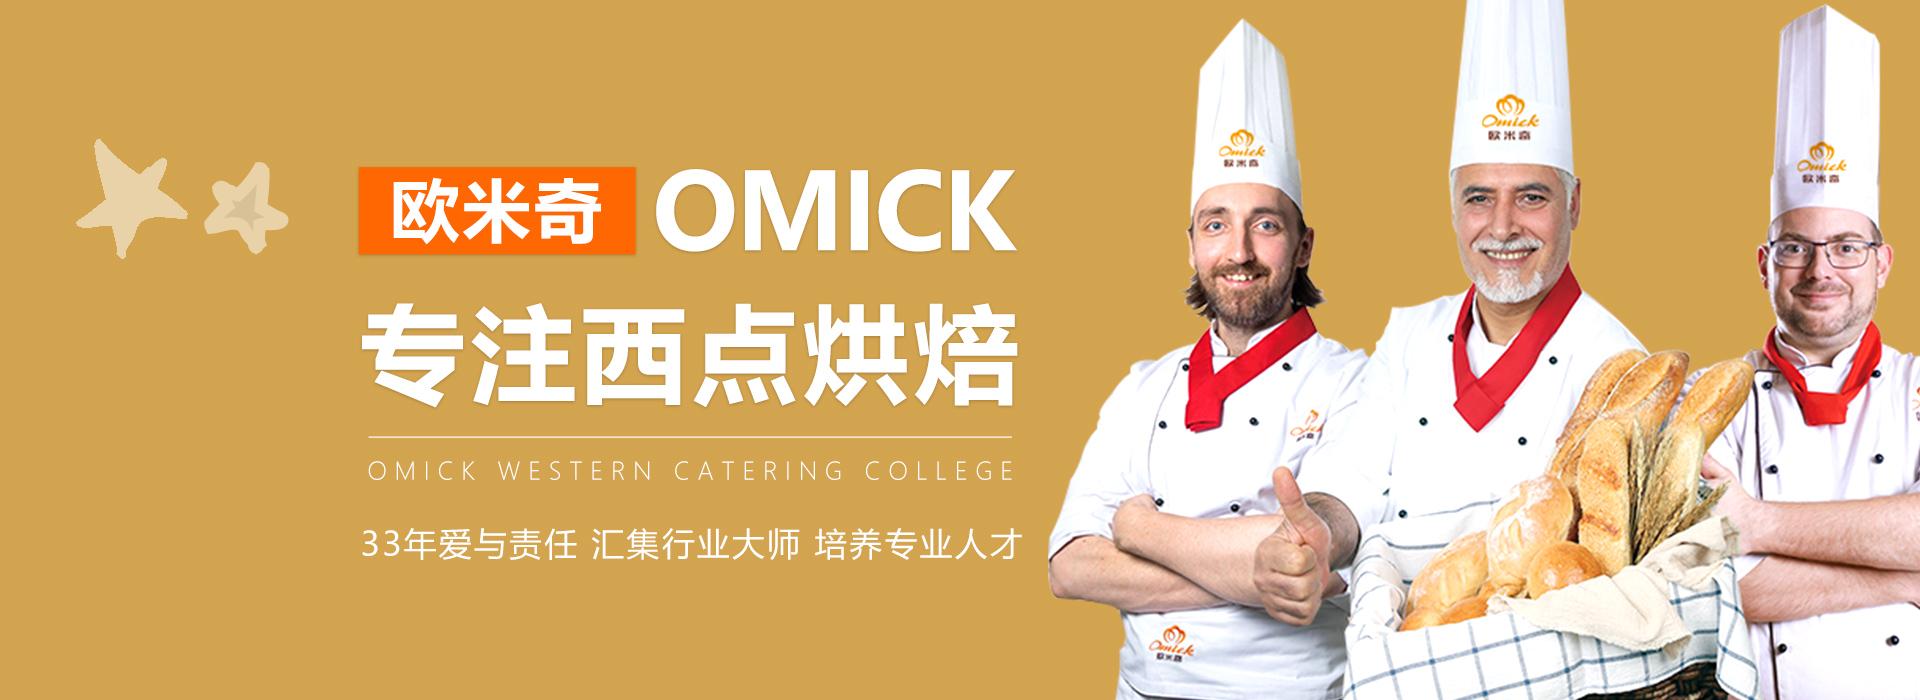 欧米奇品牌banner